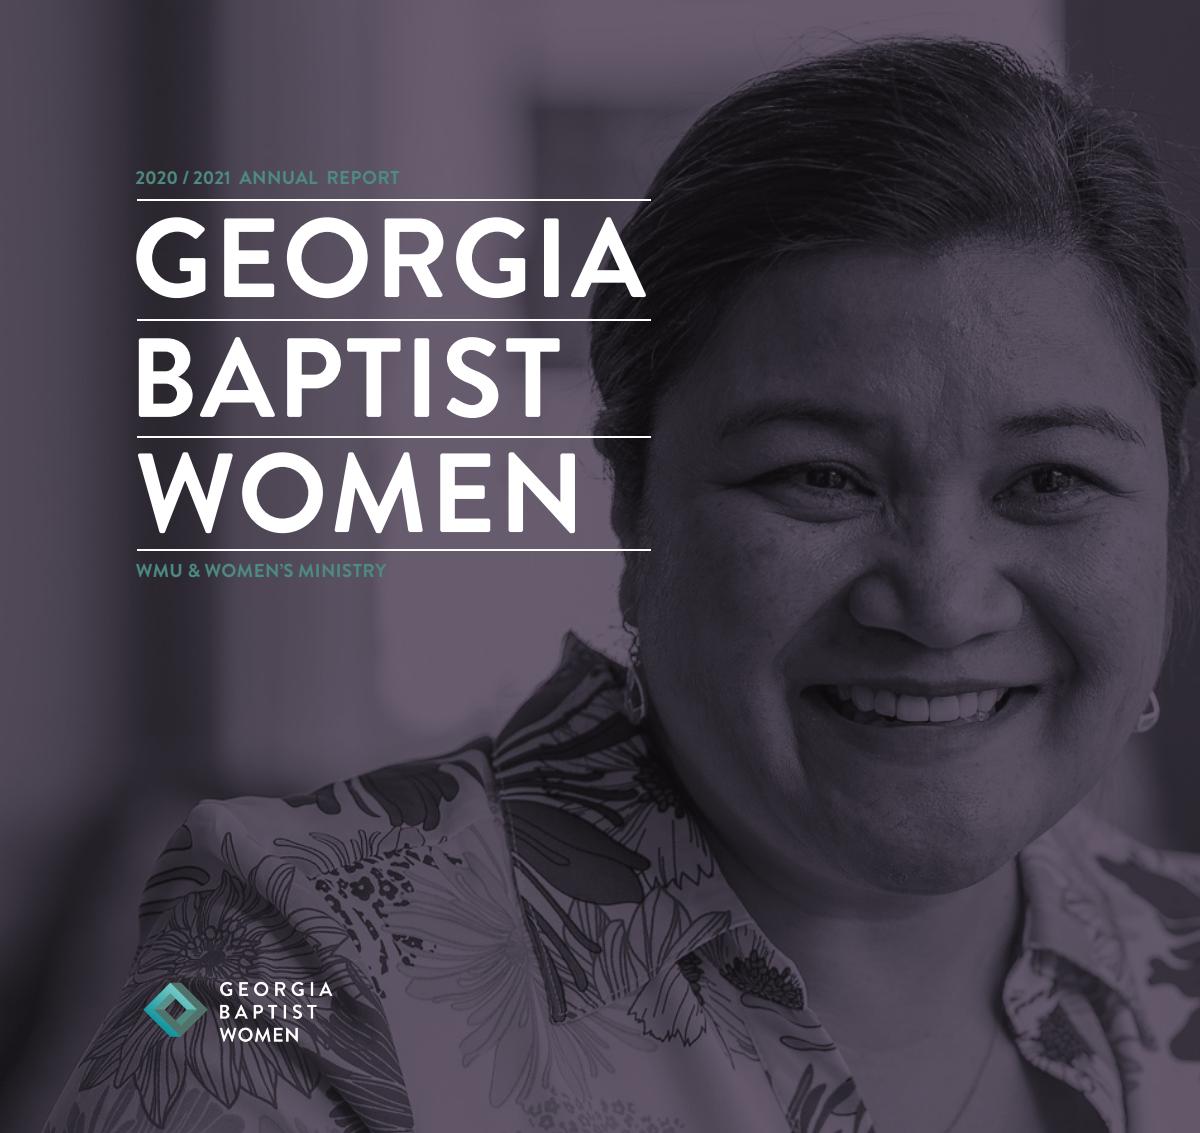 Annual Report for Women's Christian Non-profit